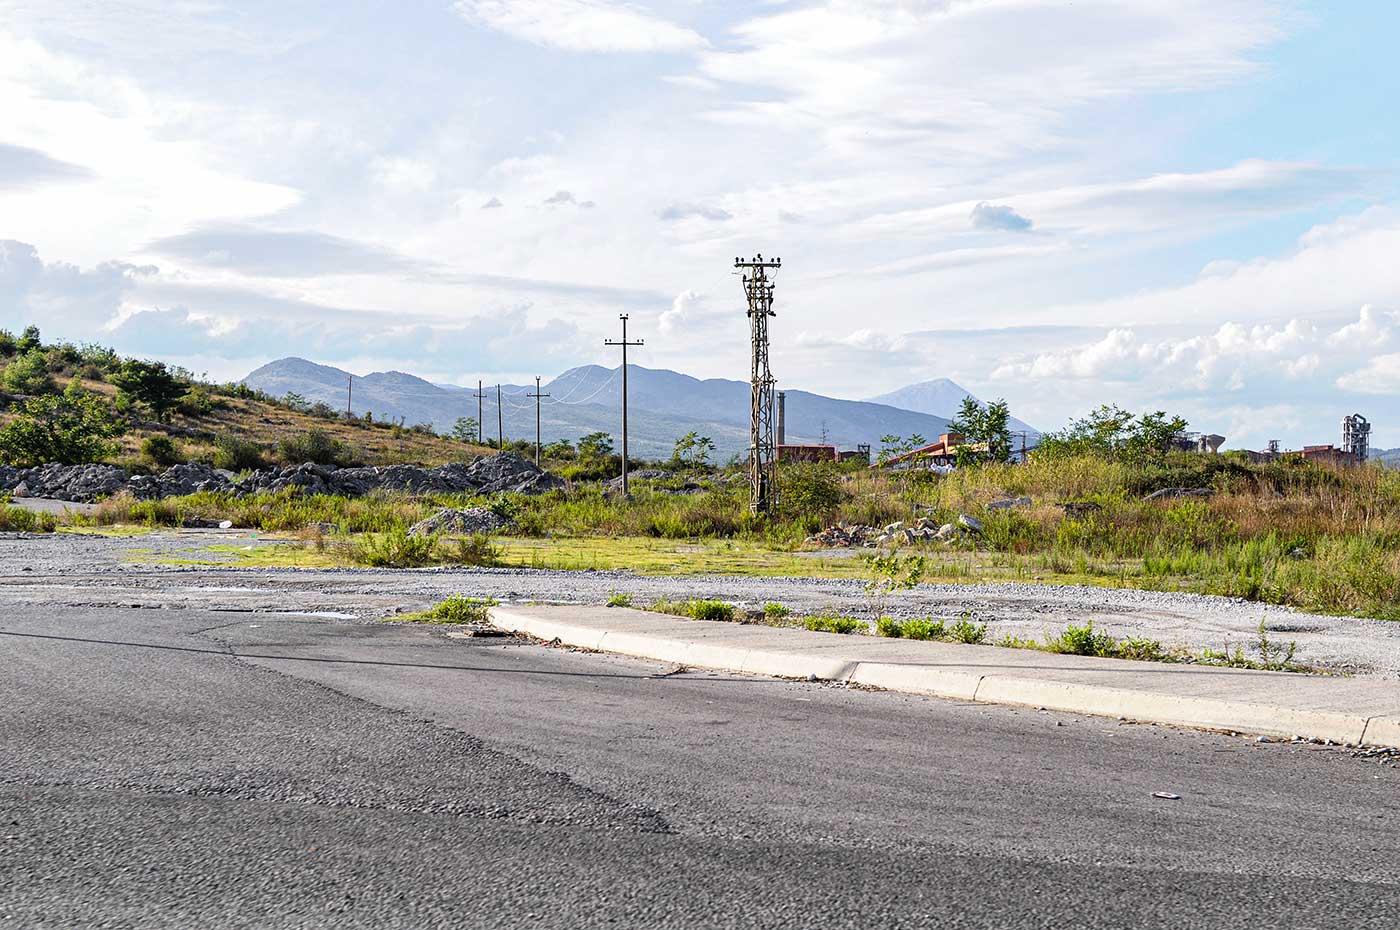 Straßenszene im europäischen Land Montenegro, nahe der Hauptstadt Podgorica